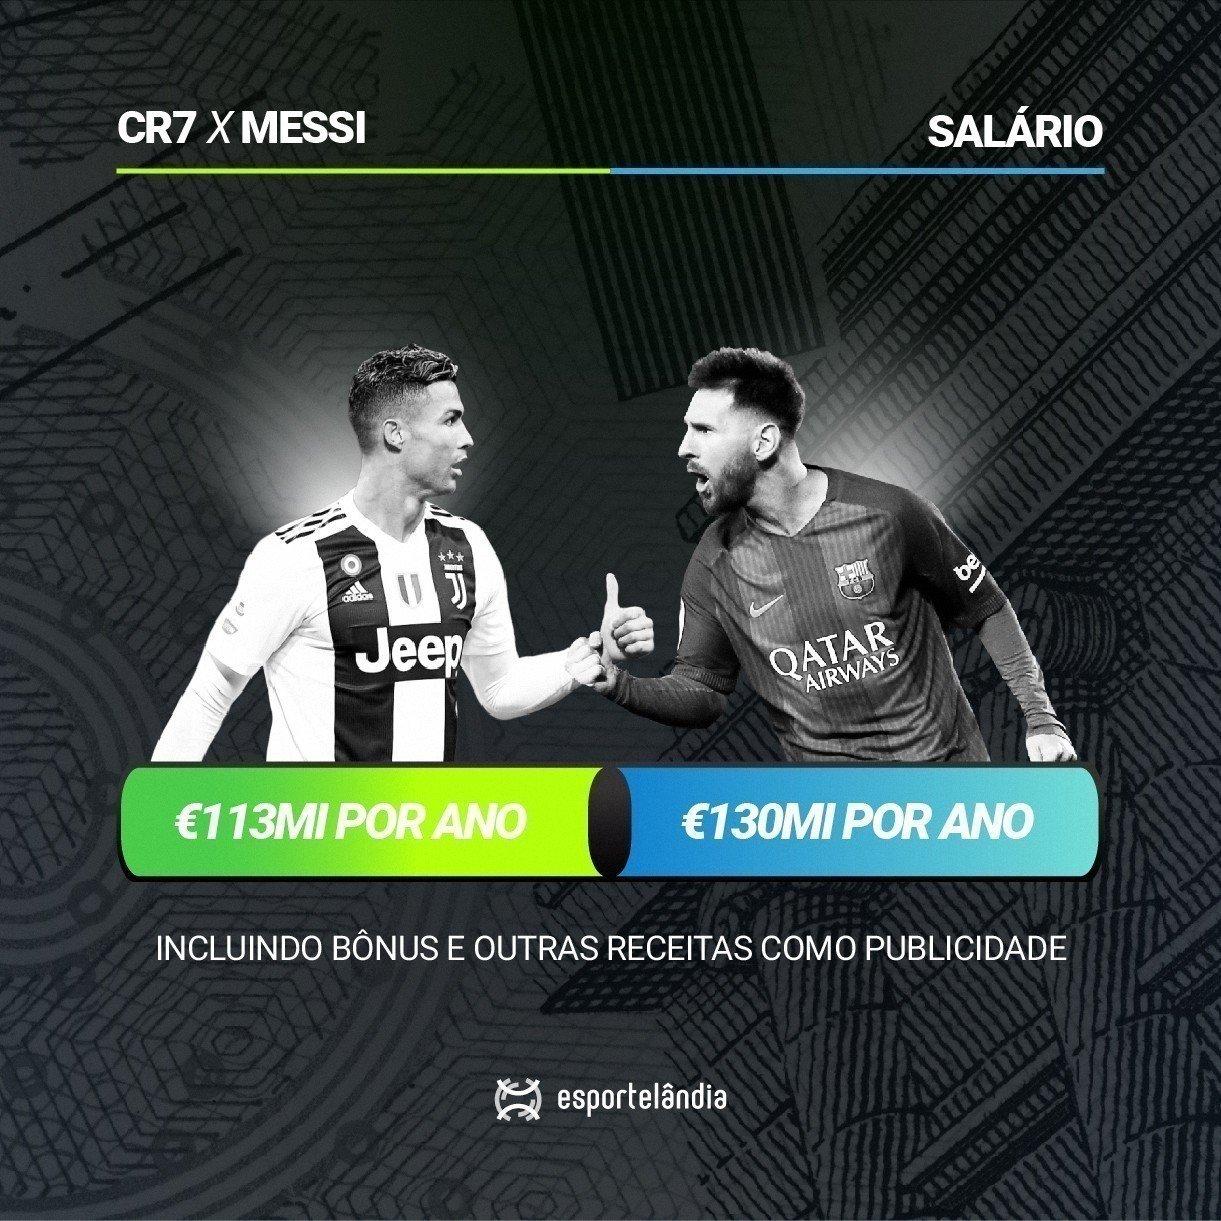 Cristiano Ronaldo e Lionel Messi salários